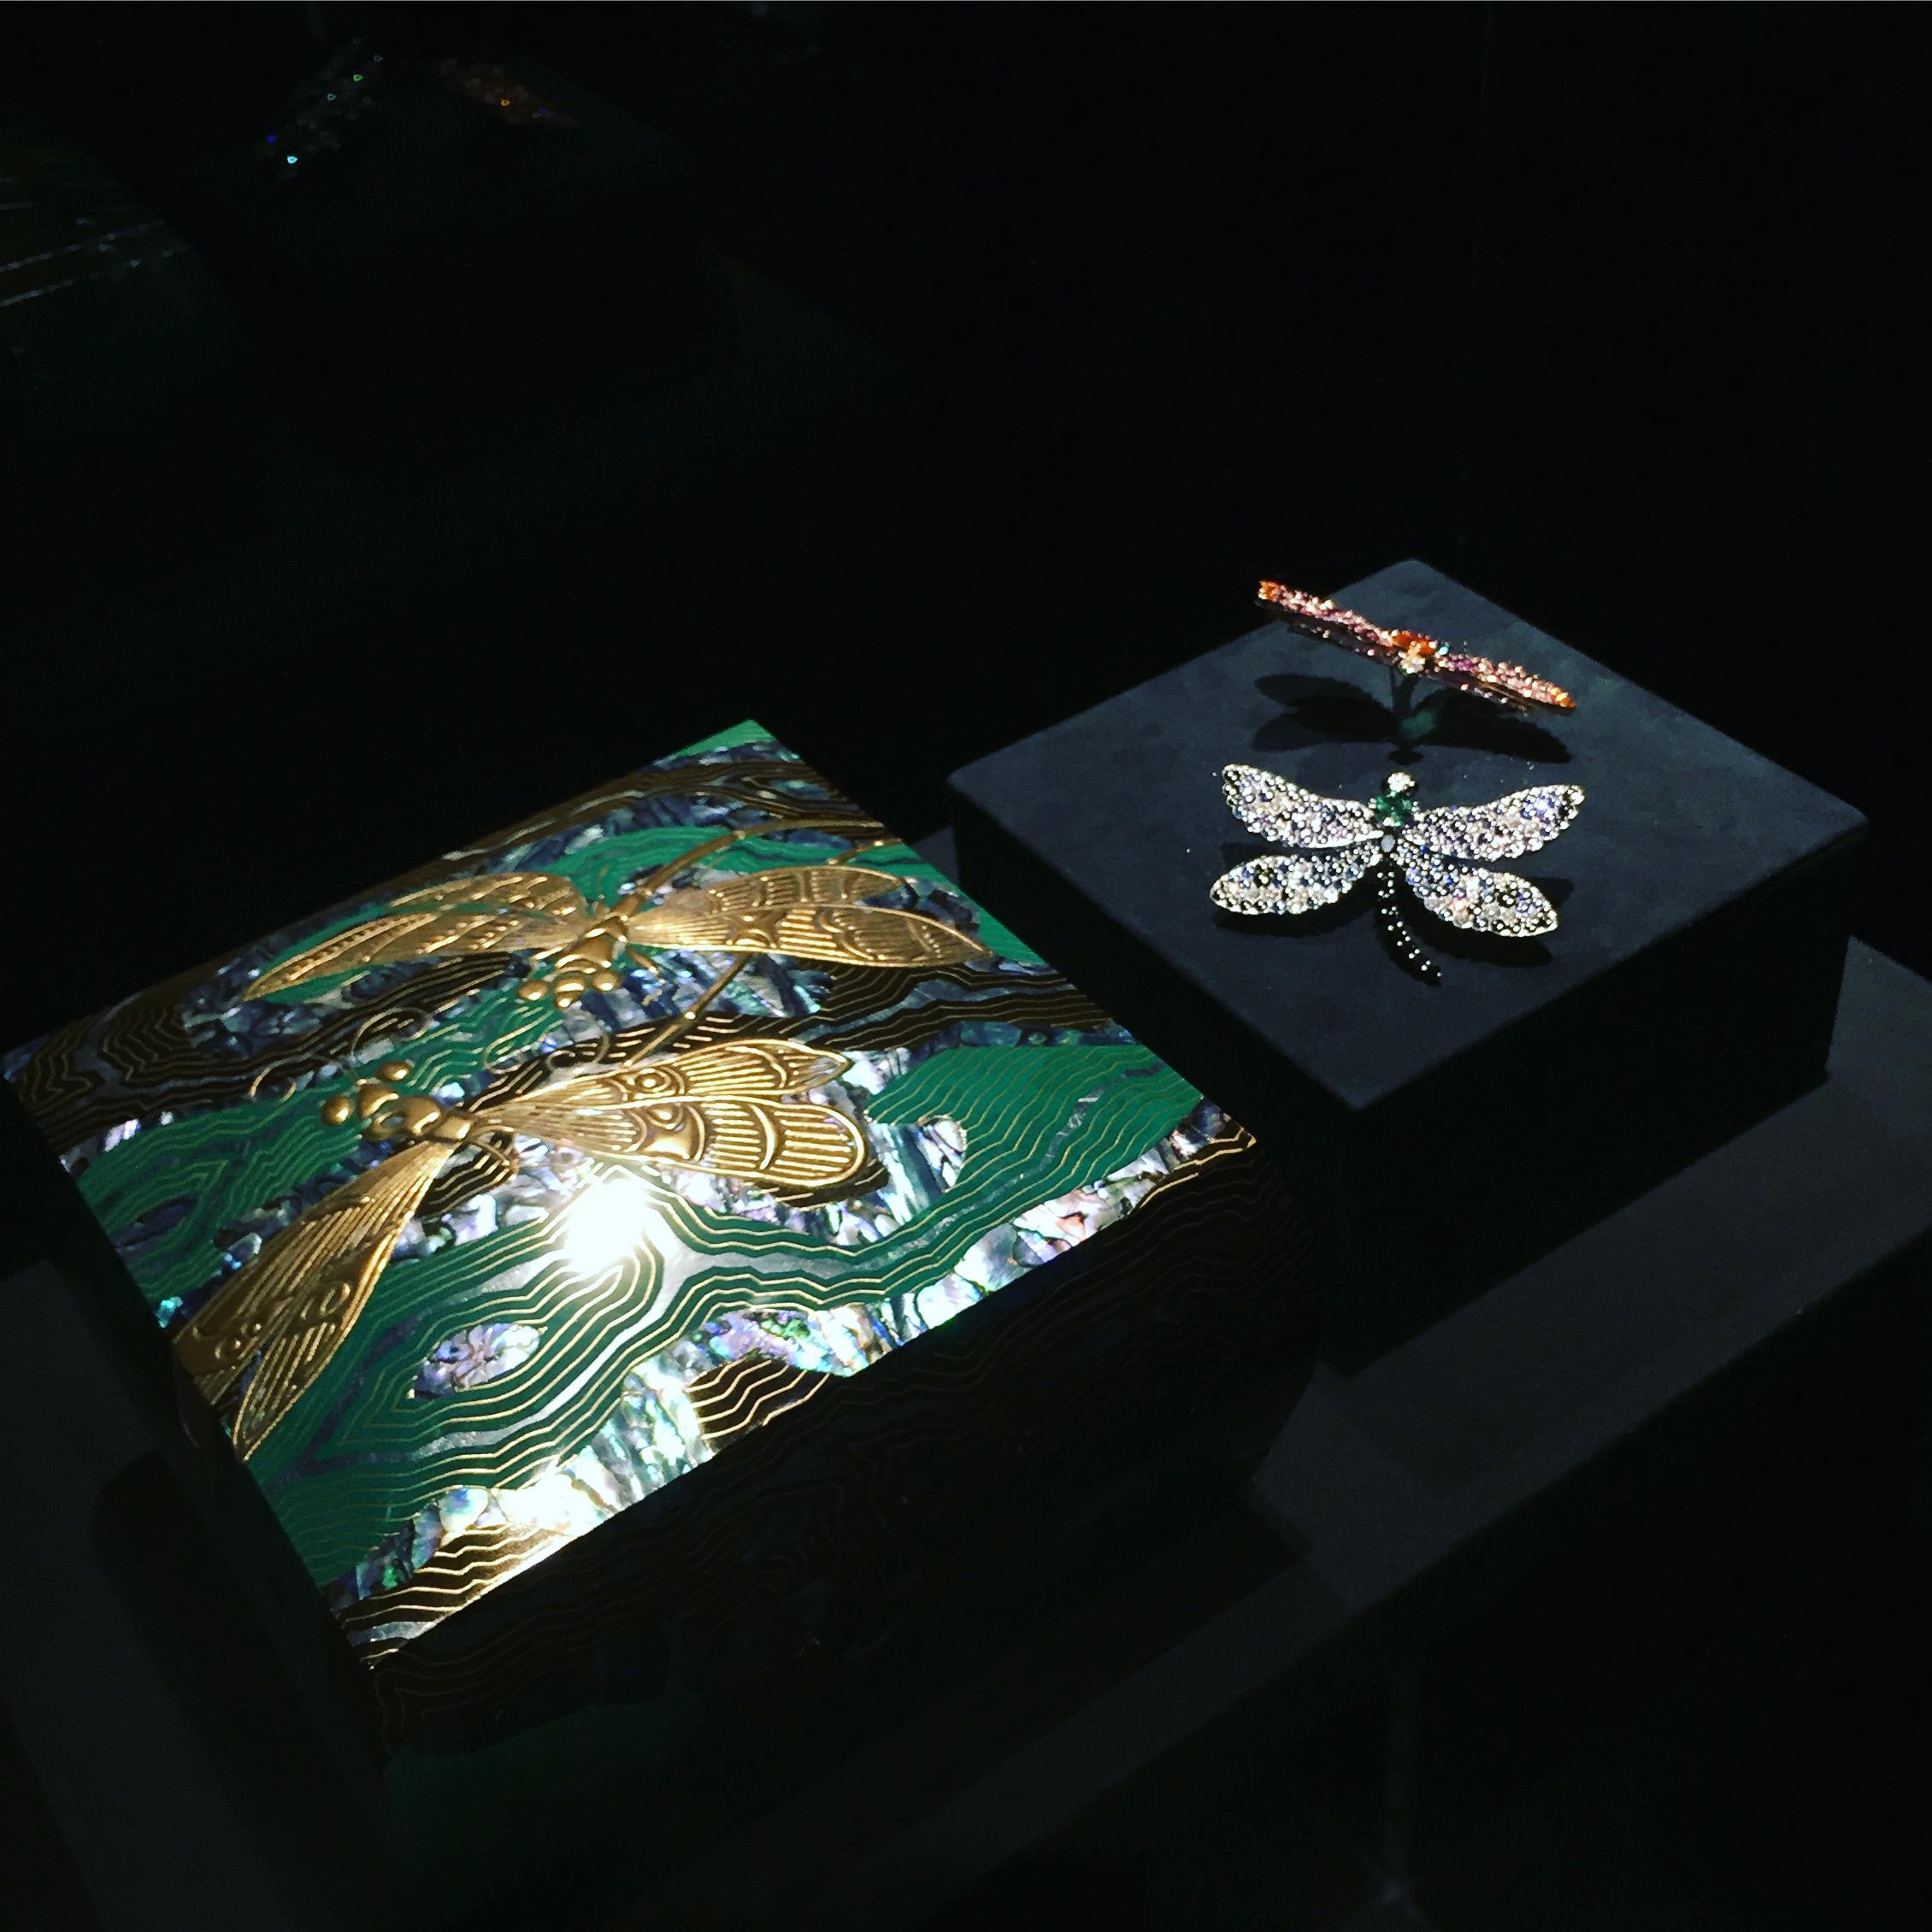 技を極める ヴァンクリーフ&アーペル 京都国立近代美術館